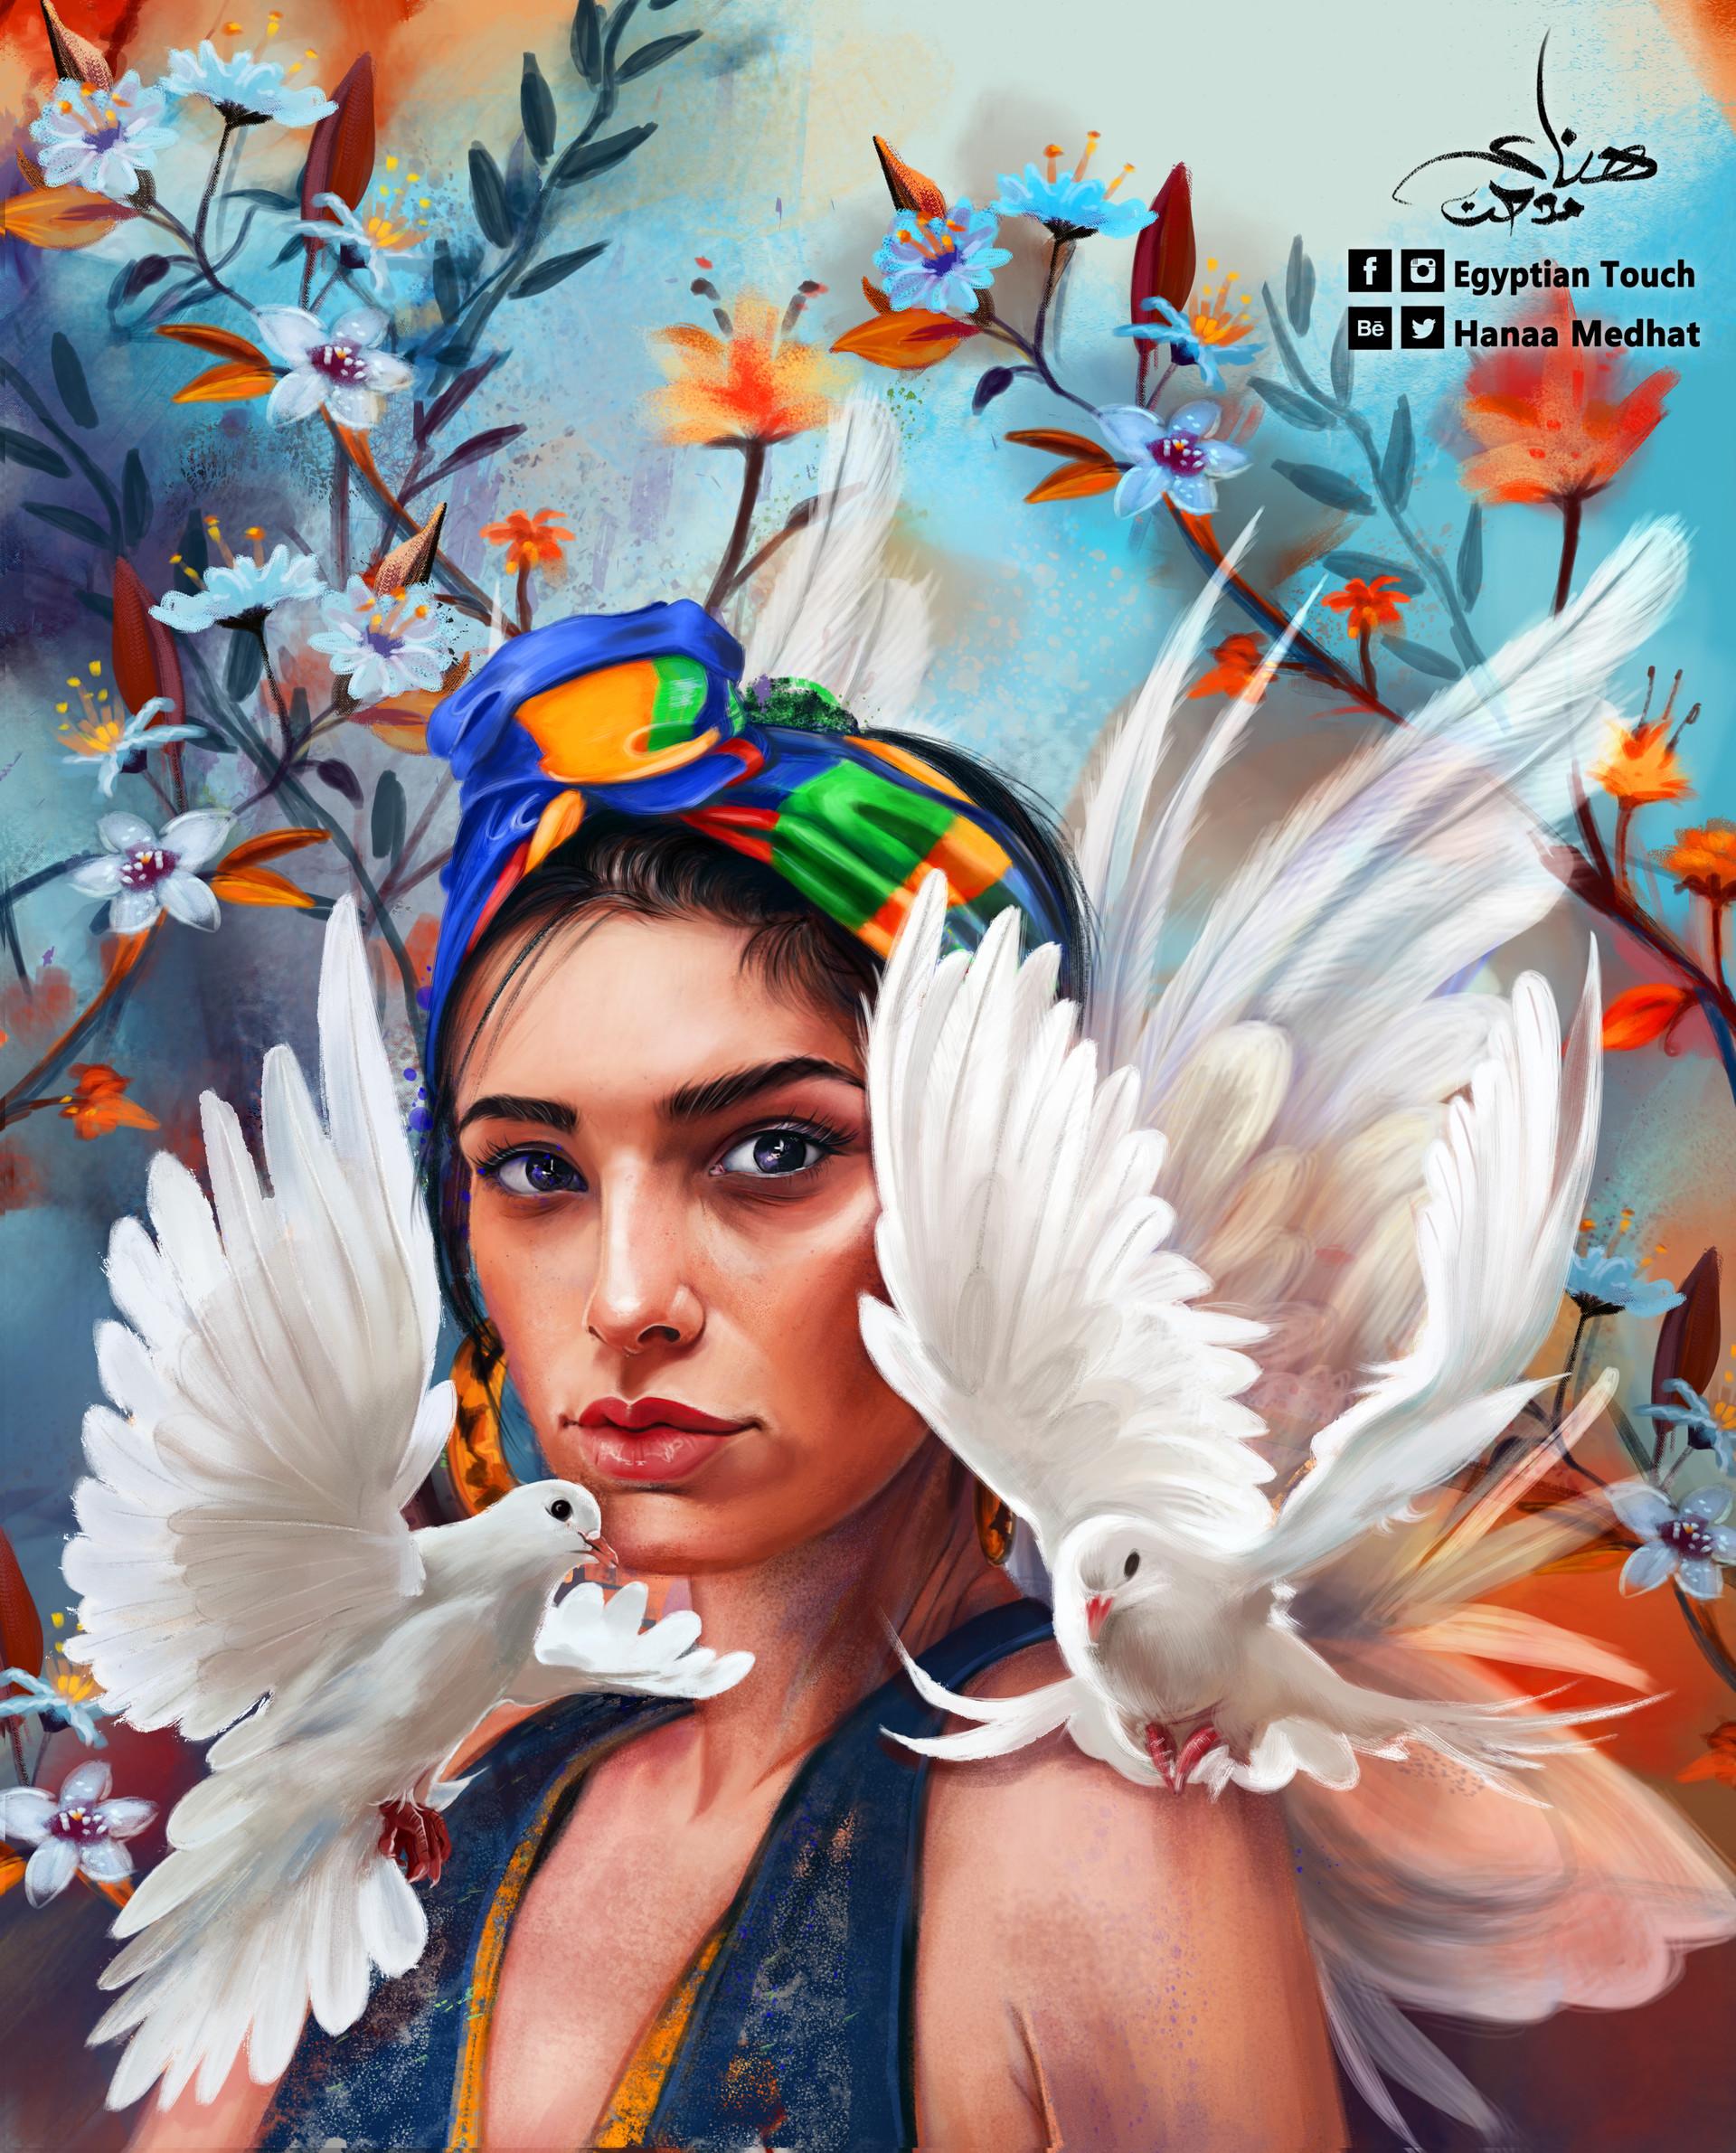 Hanaa medhat dove